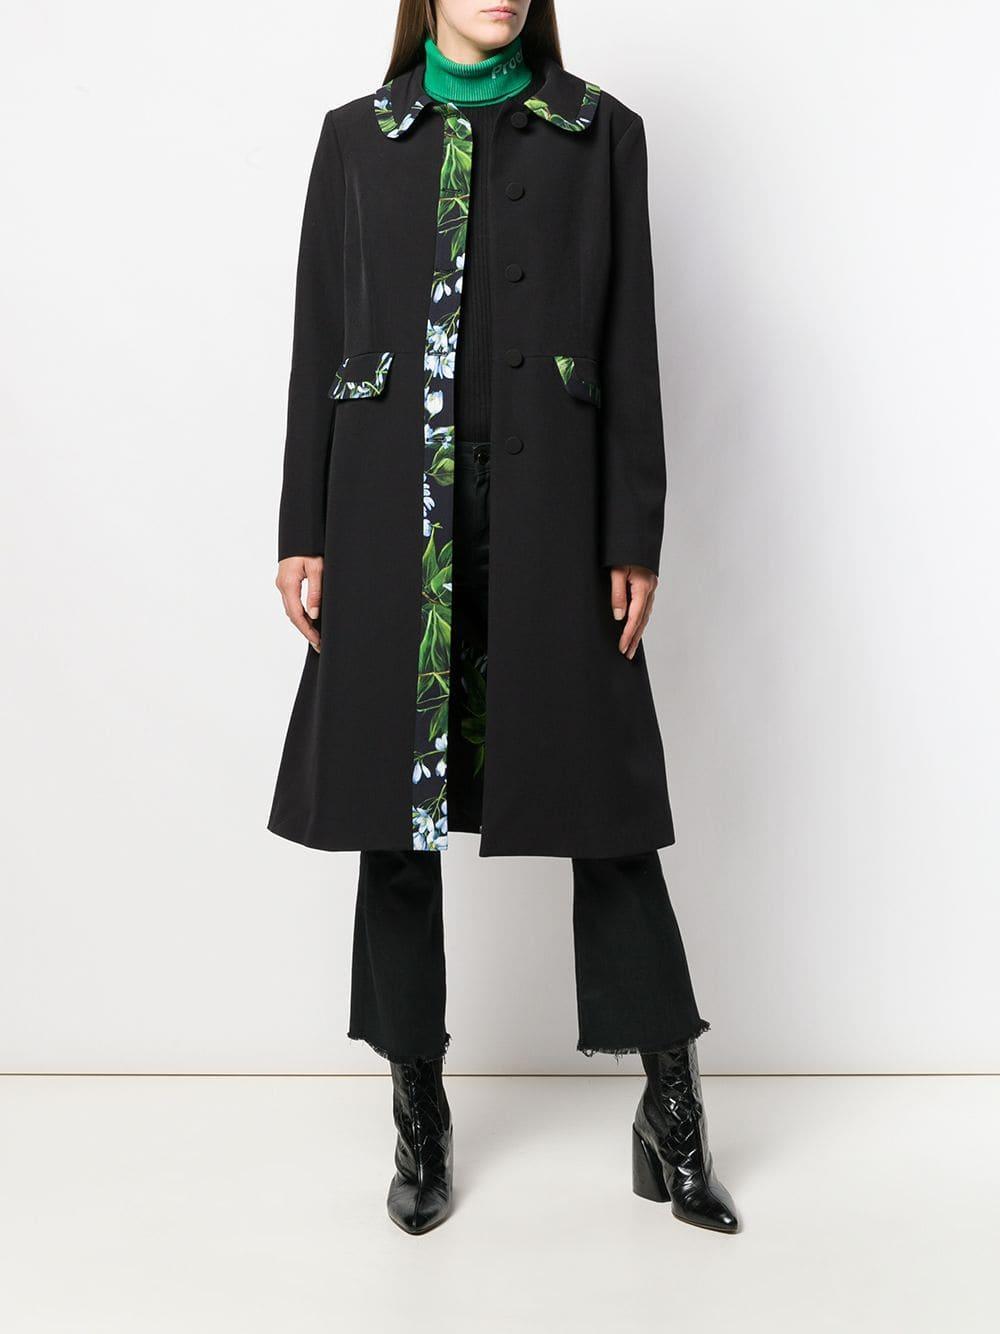 Manteau à empiècements imprimés Synthétique Blumarine en coloris Noir XA9OT